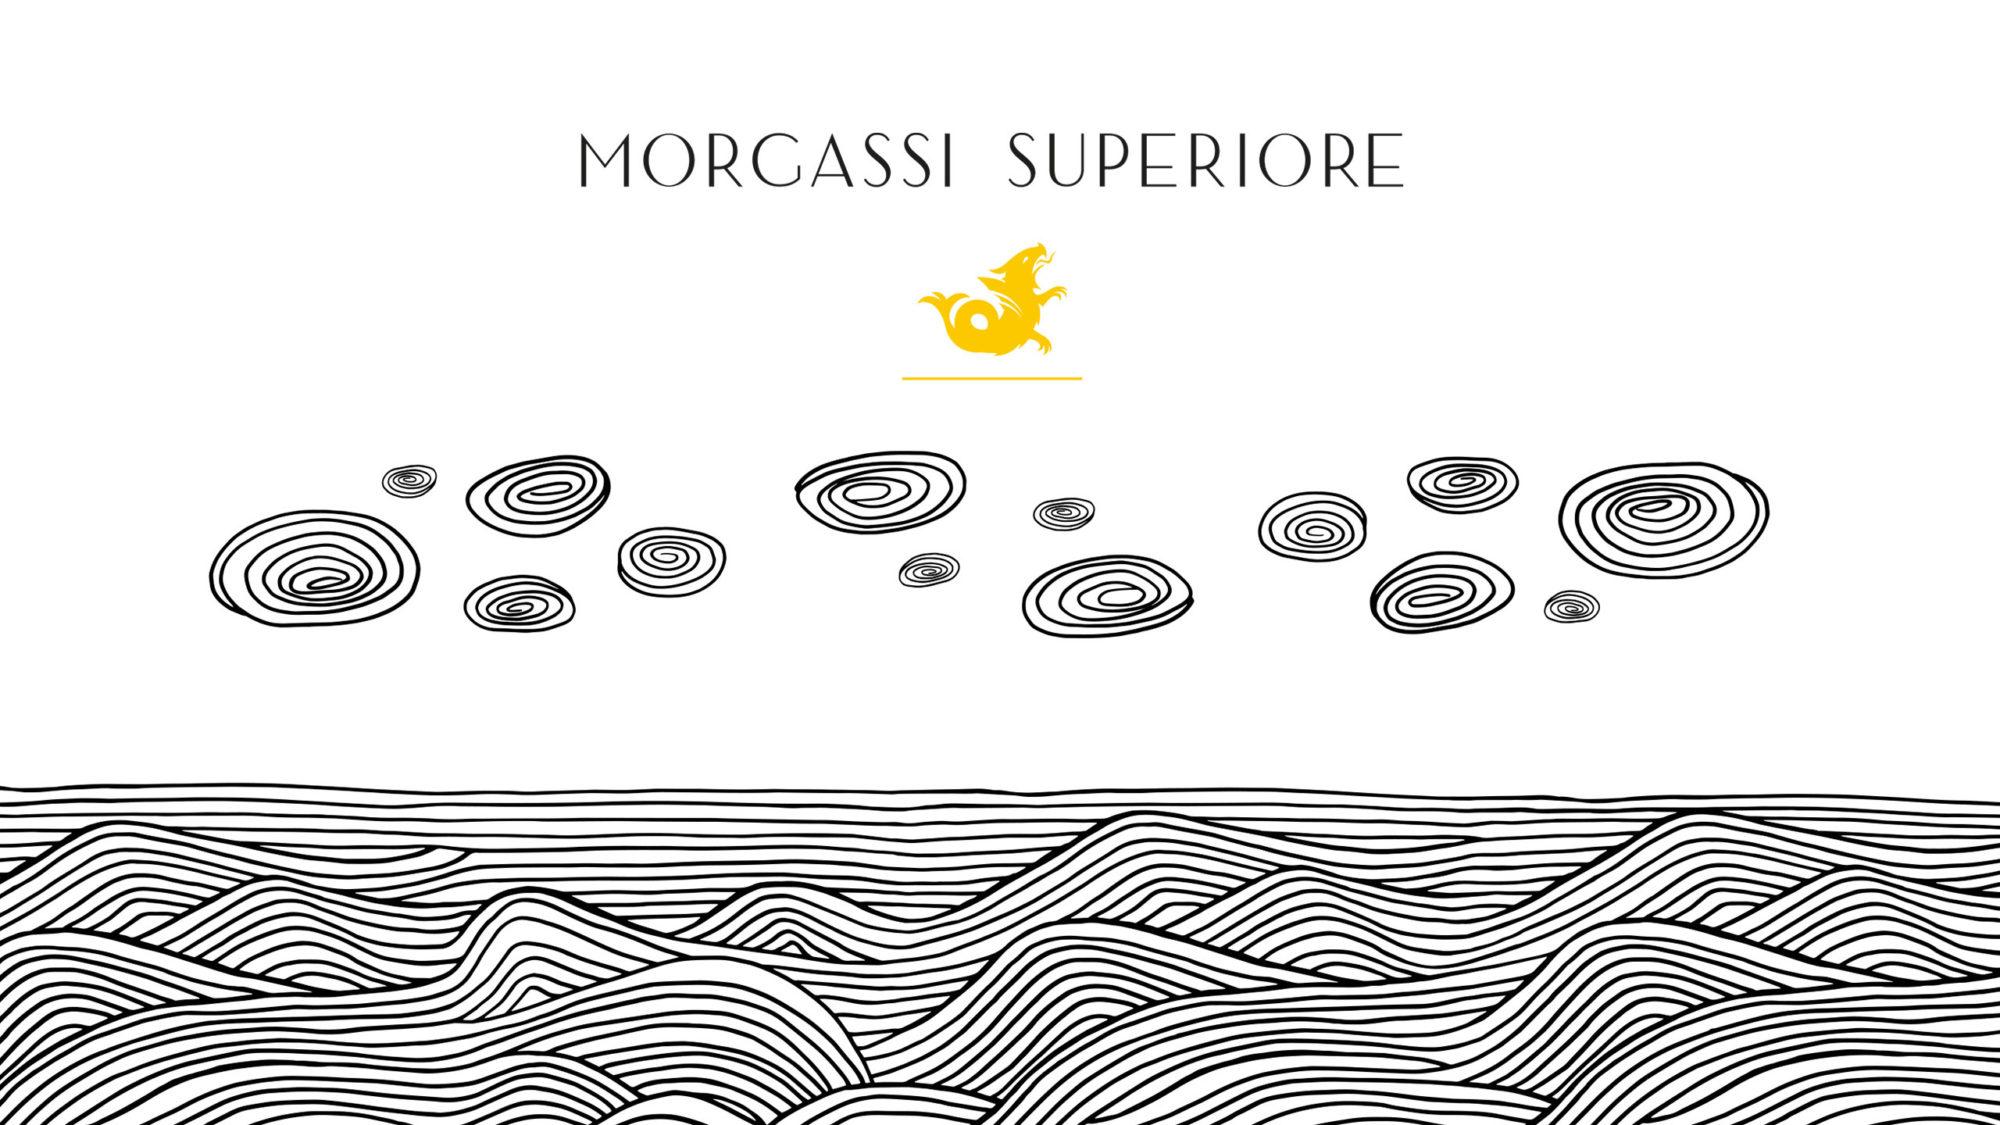 Morgassi Superiore